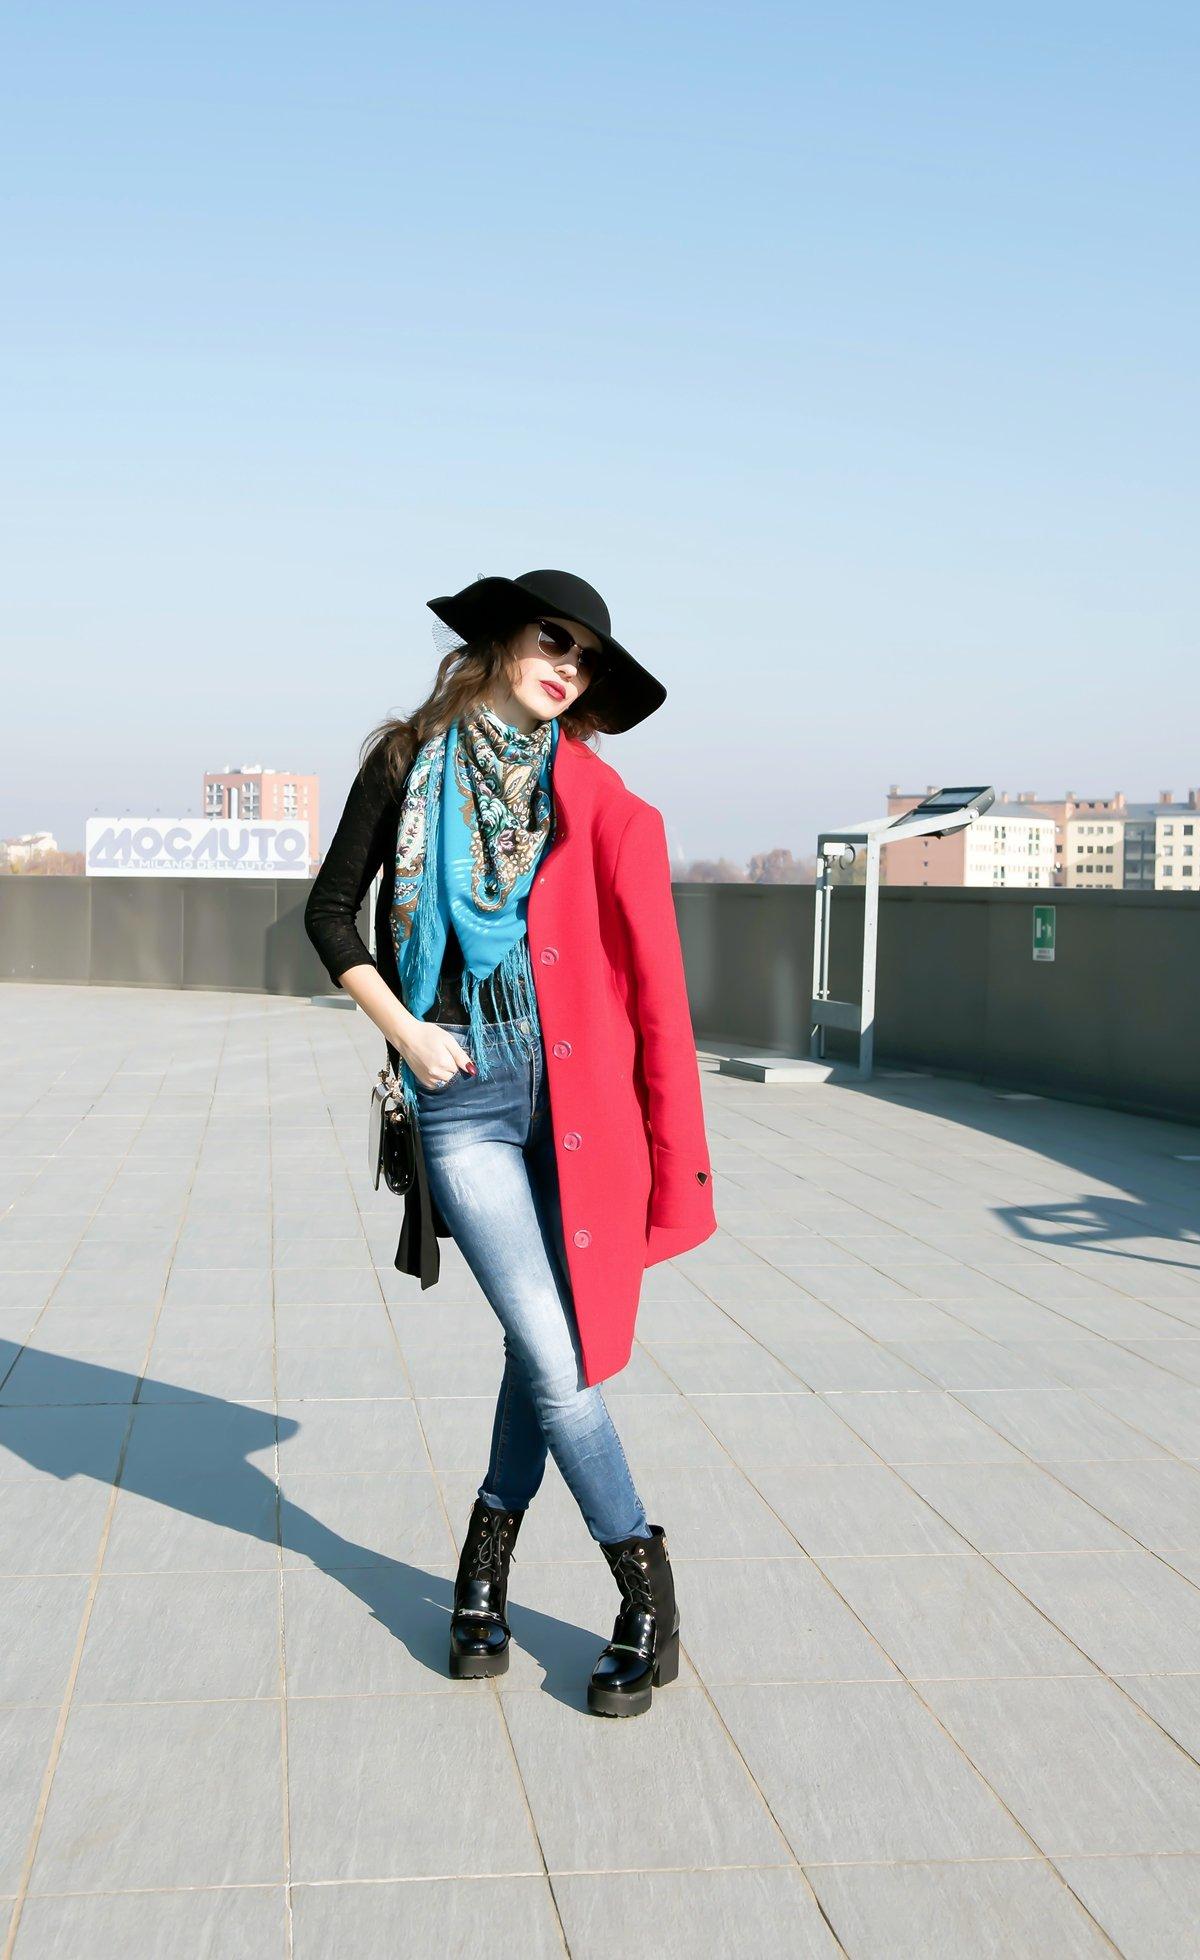 MY OUTFIT  Ținută casual: haină roșie și pălărie neagră